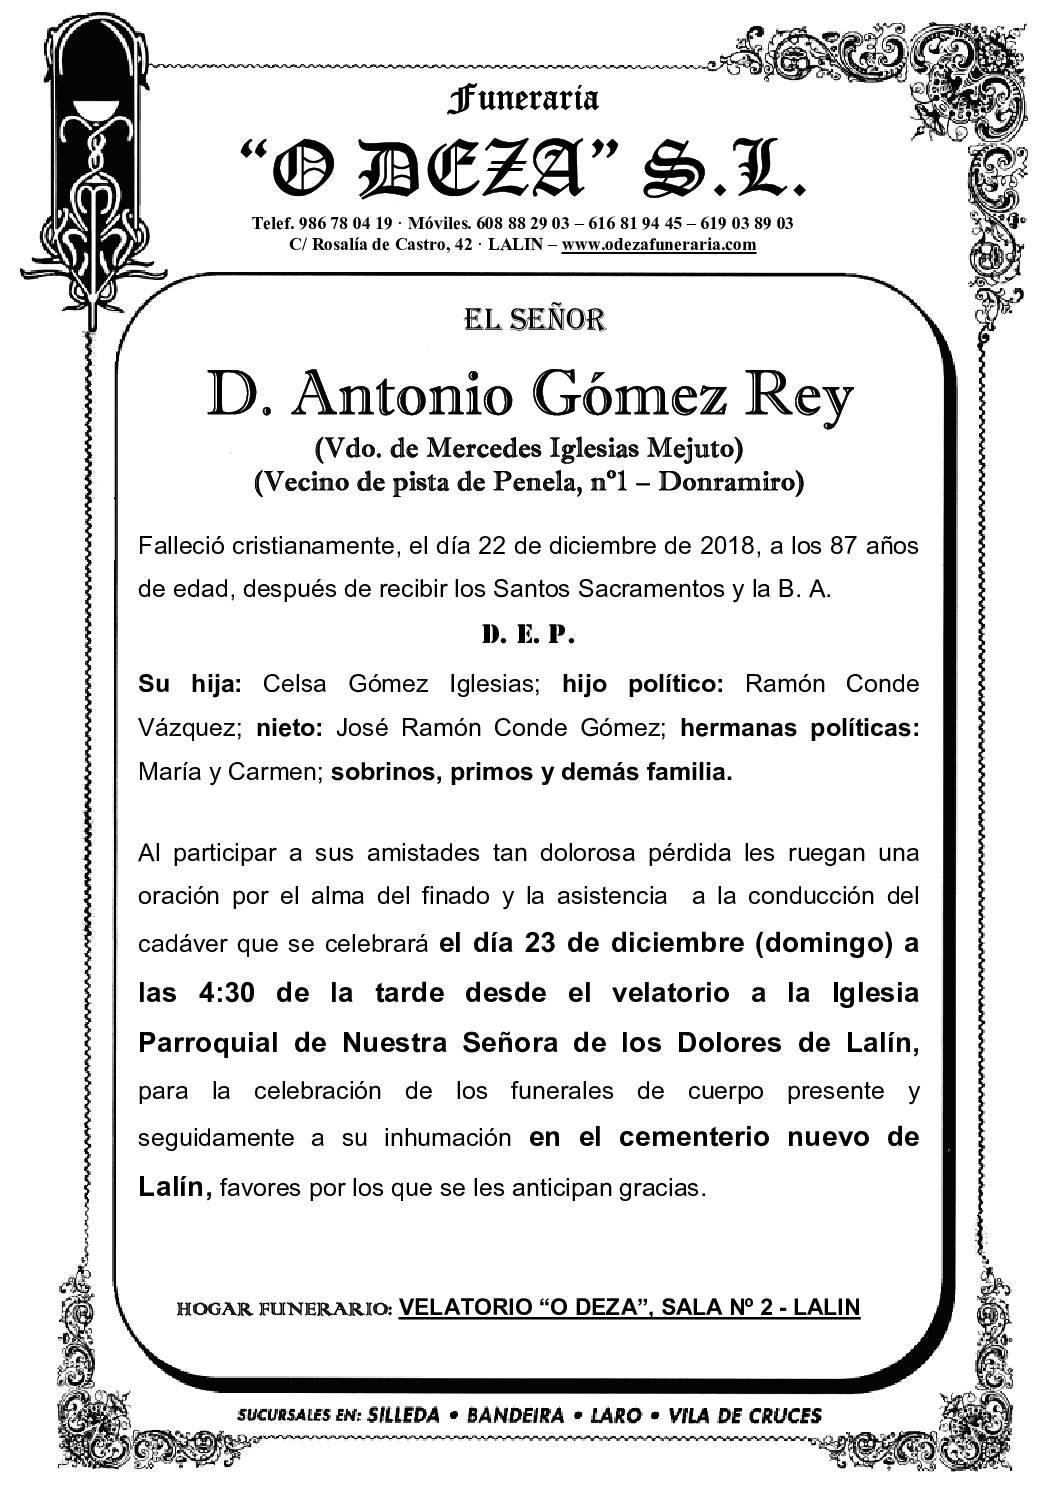 D. ANTONIO GÓMEZ REY